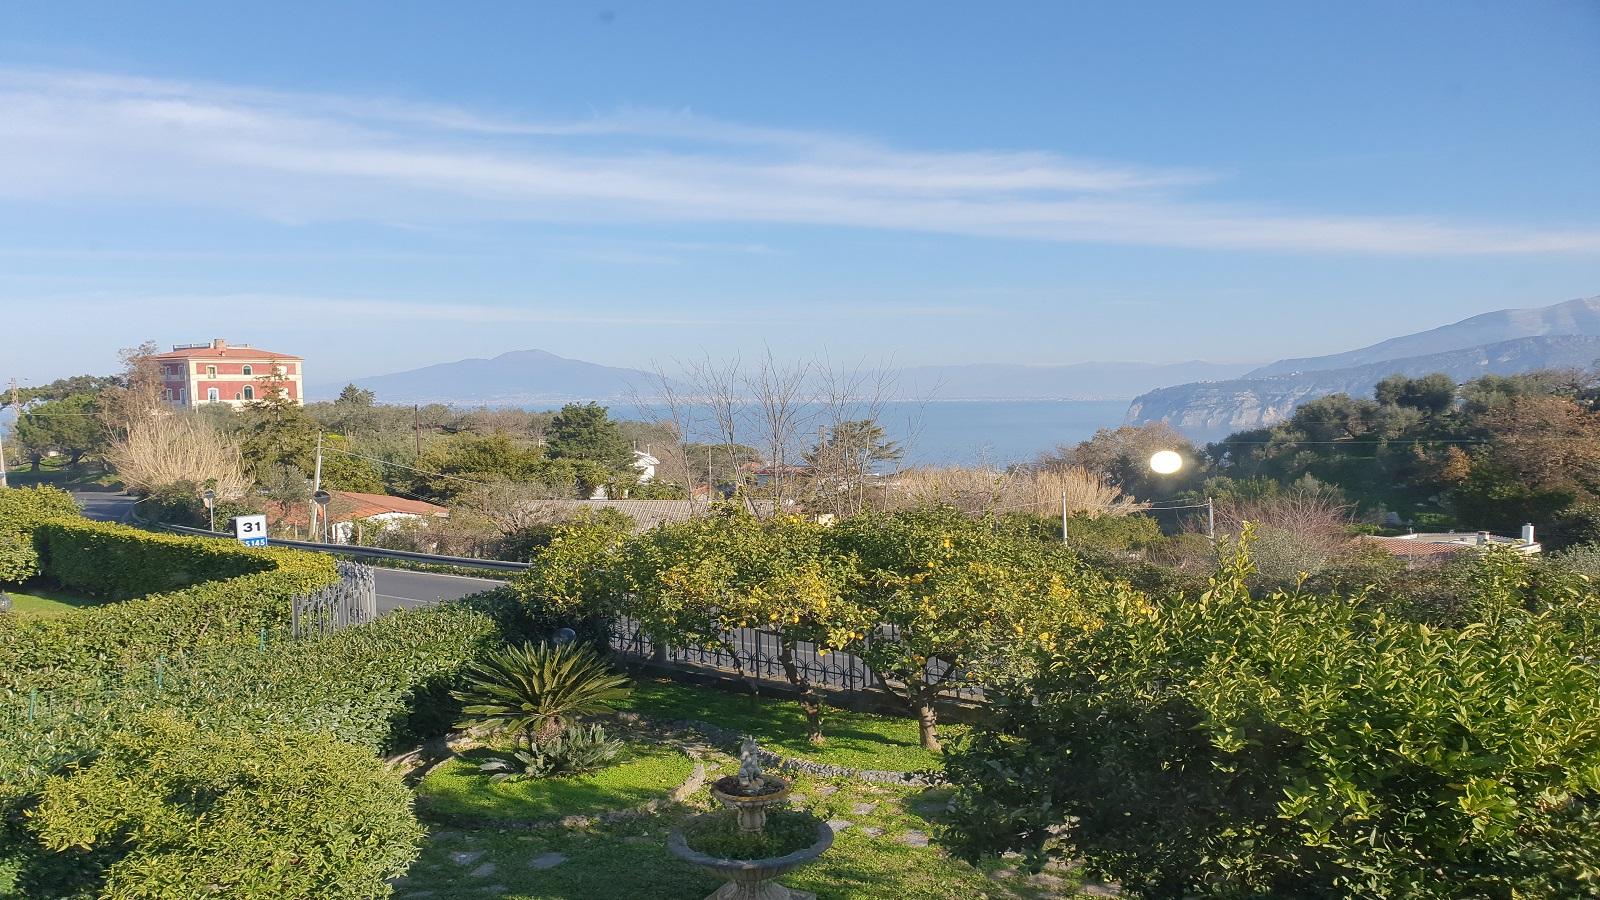 Villetta a schiera con vista mare, giardino e garage